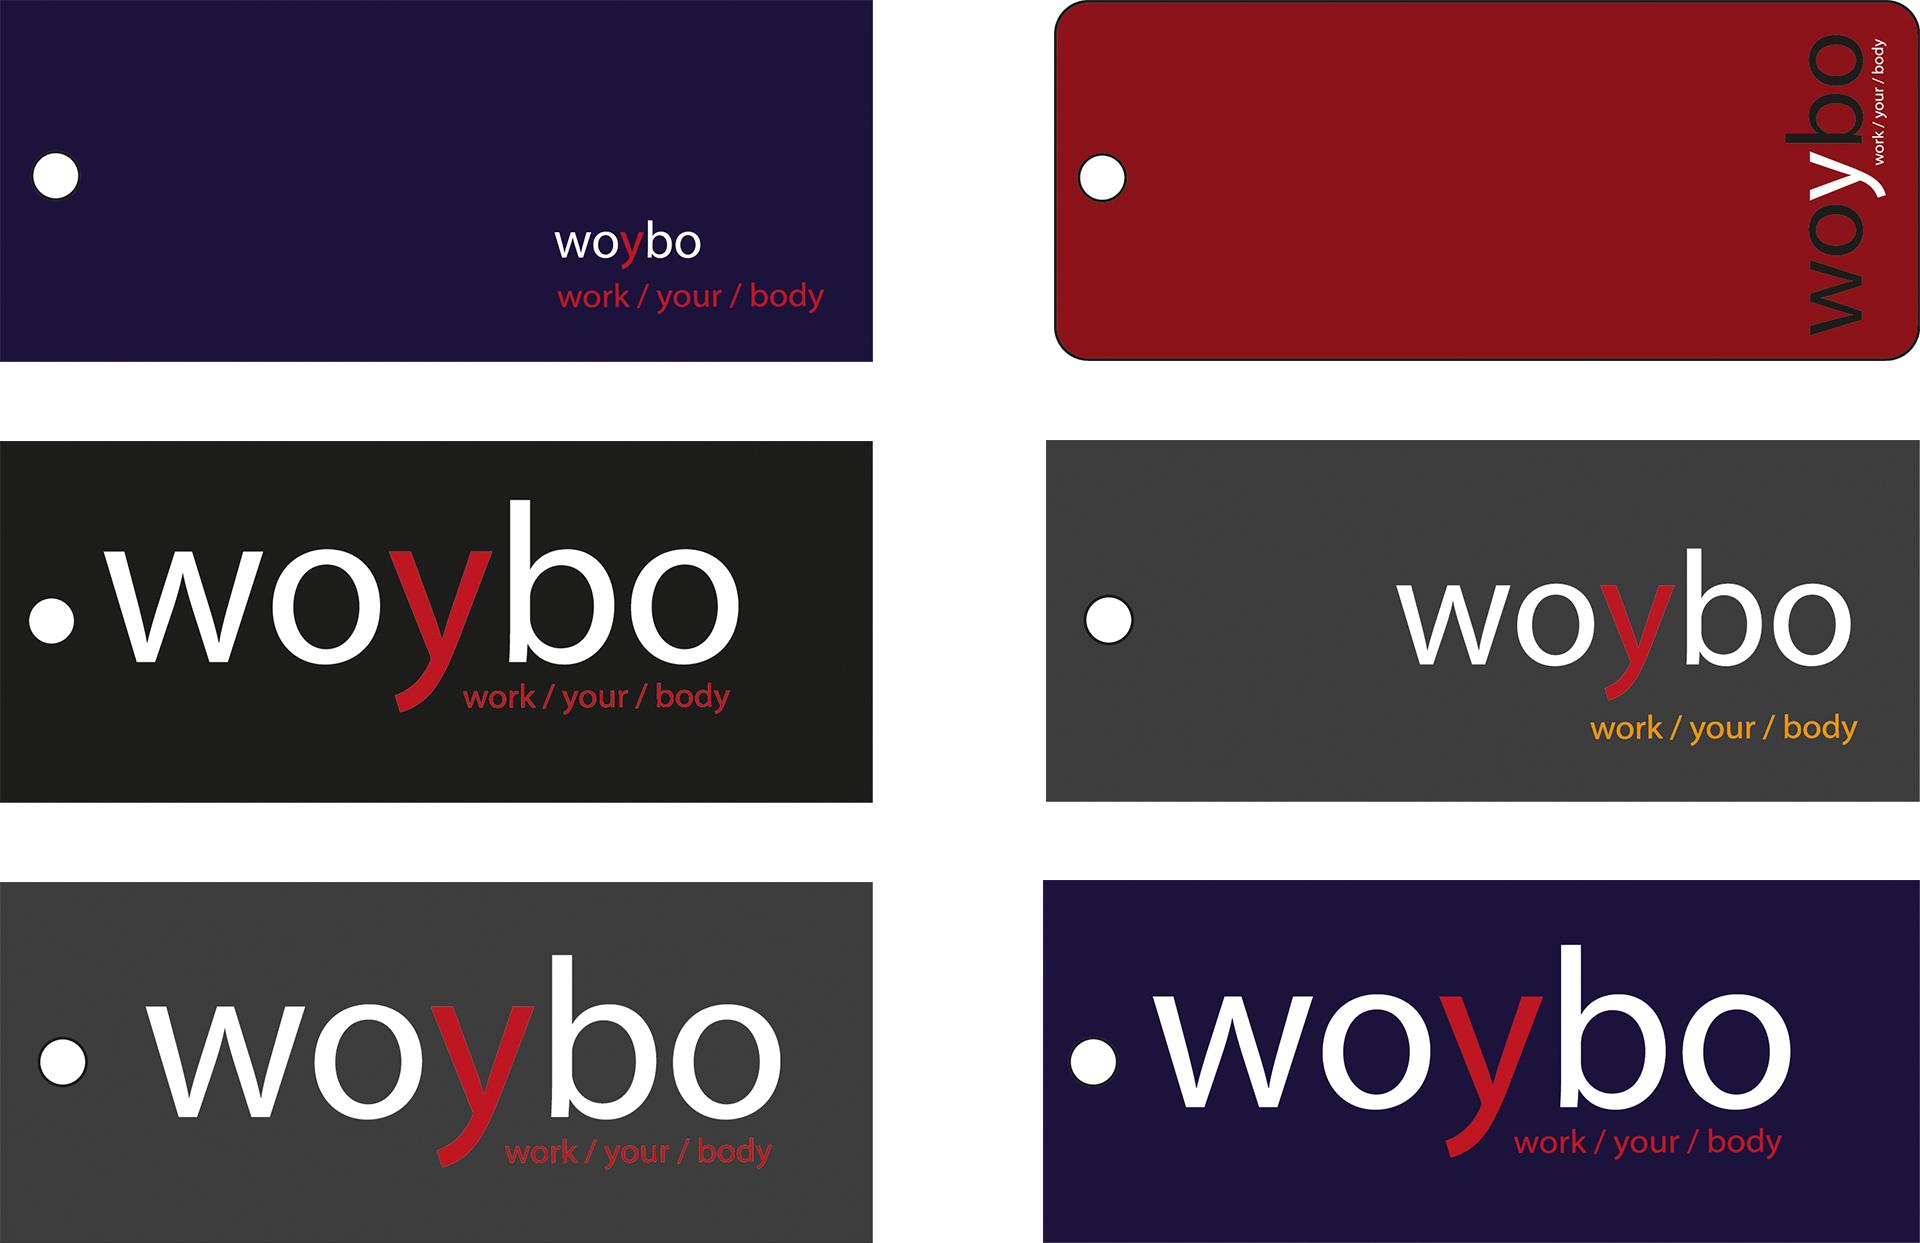 project_img_woybo_5